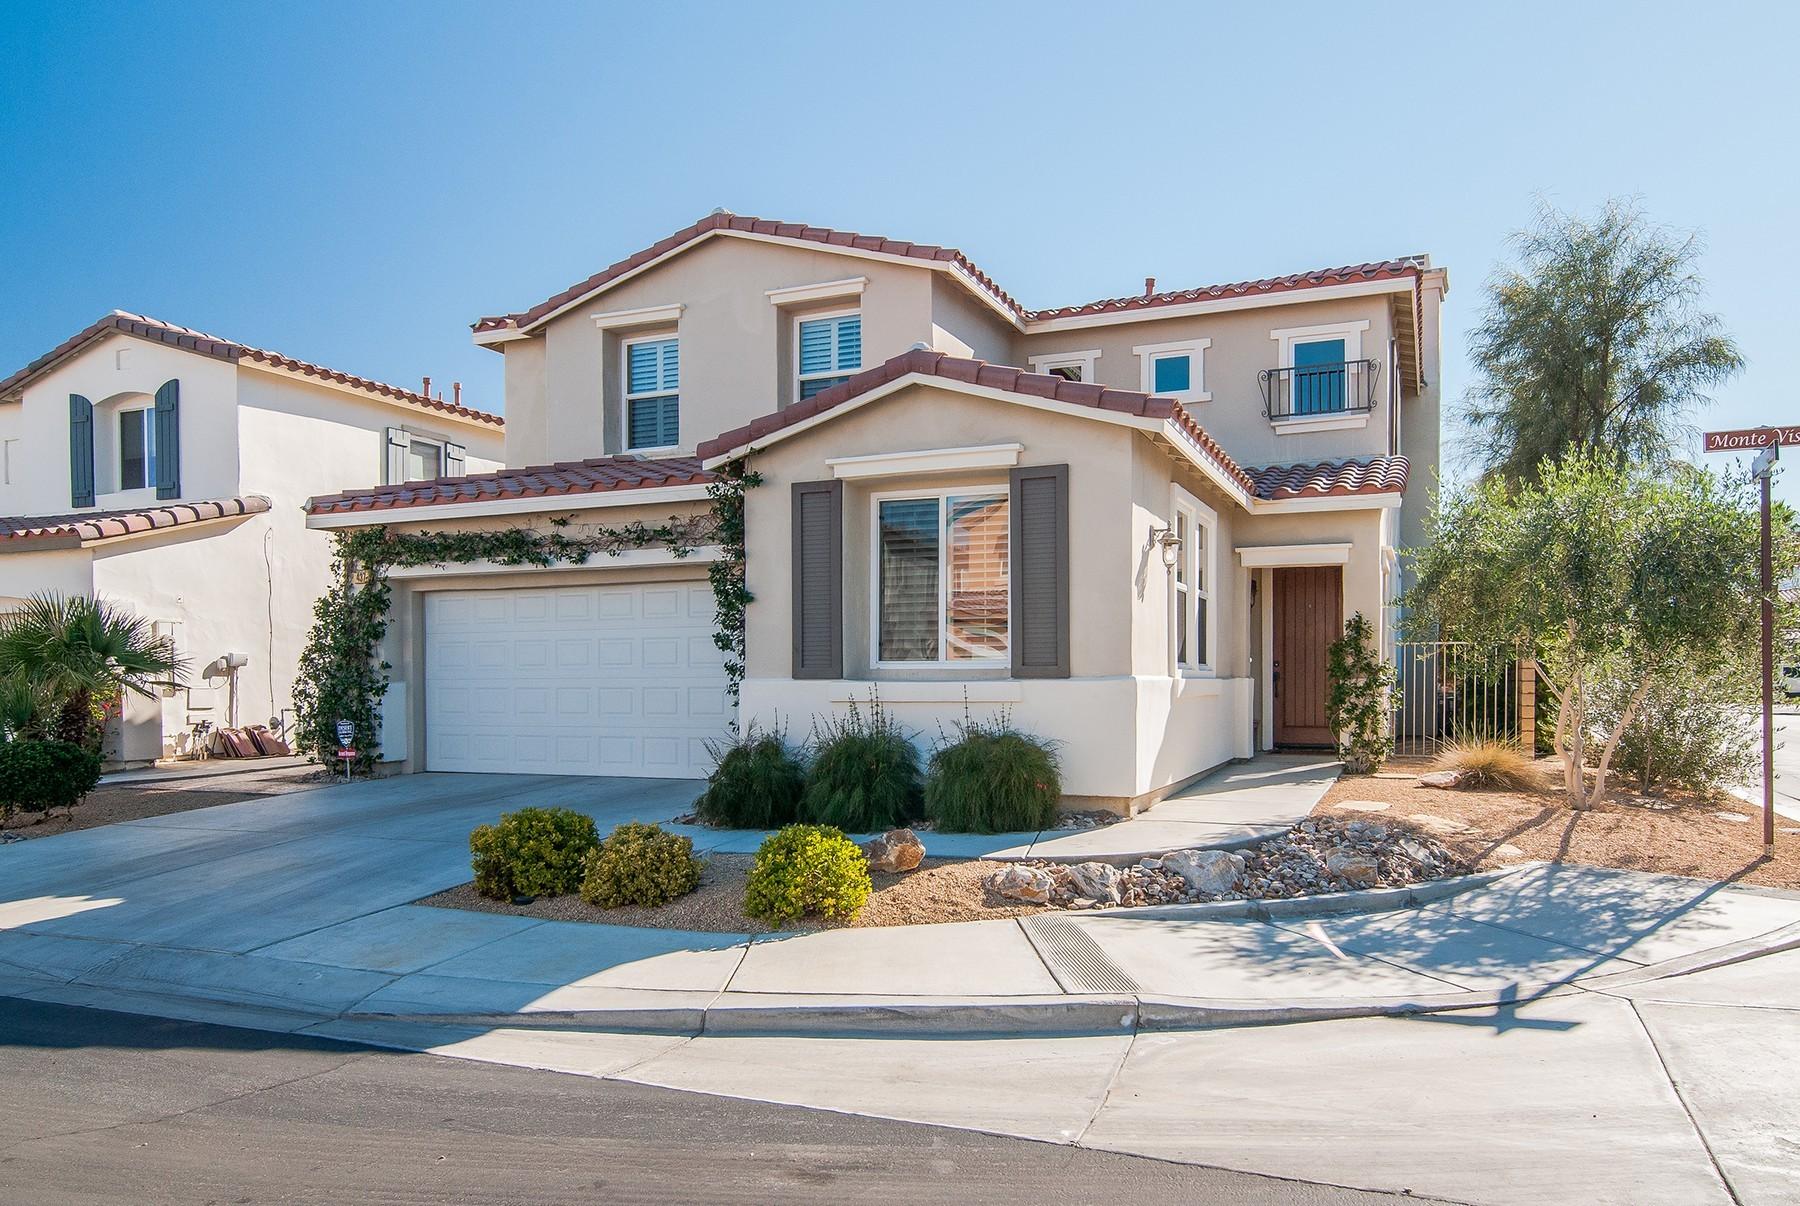 一戸建て のために 売買 アット 437 Monte Vis Palm Desert, カリフォルニア, 92260 アメリカ合衆国